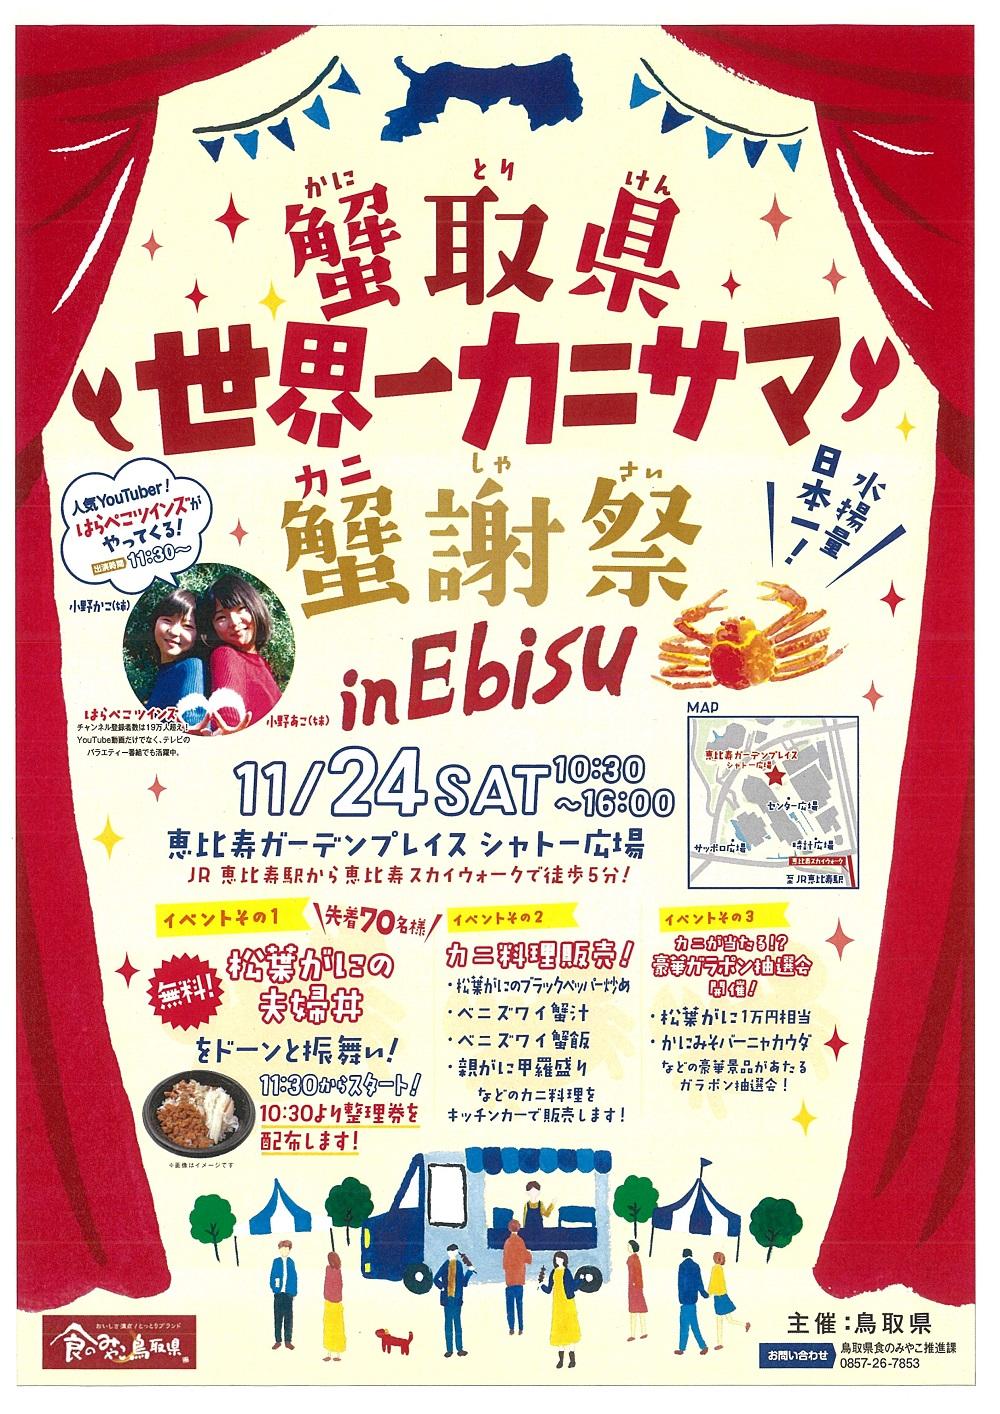 蟹取県 世界一カニサマ蟹謝祭